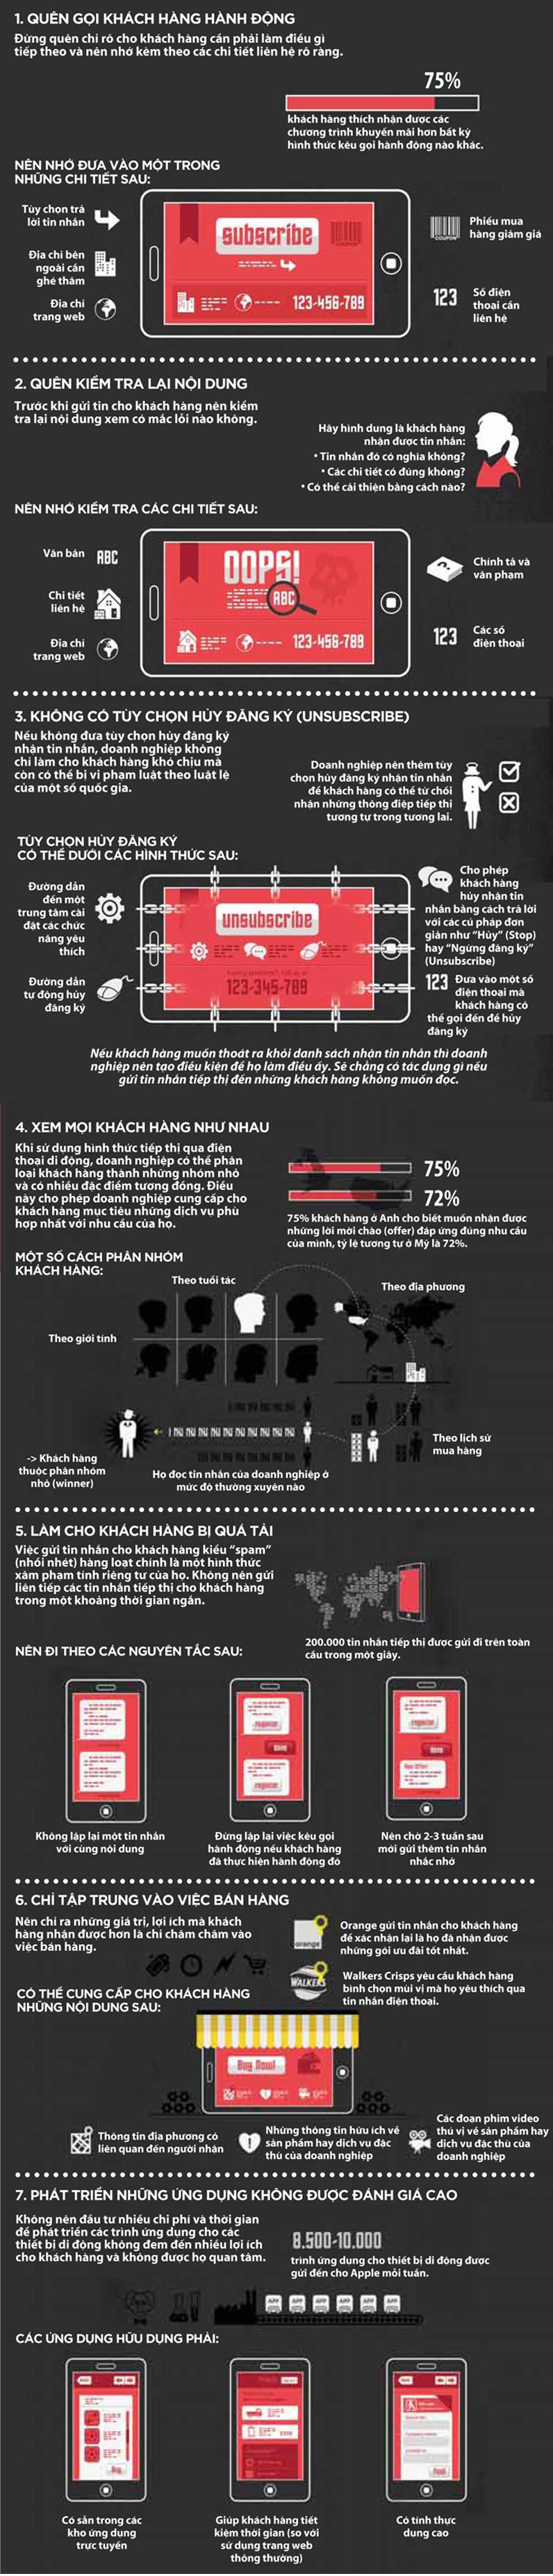 [Infographic] Những sai lầm trong tiếp thị qua thiết bị di động 1